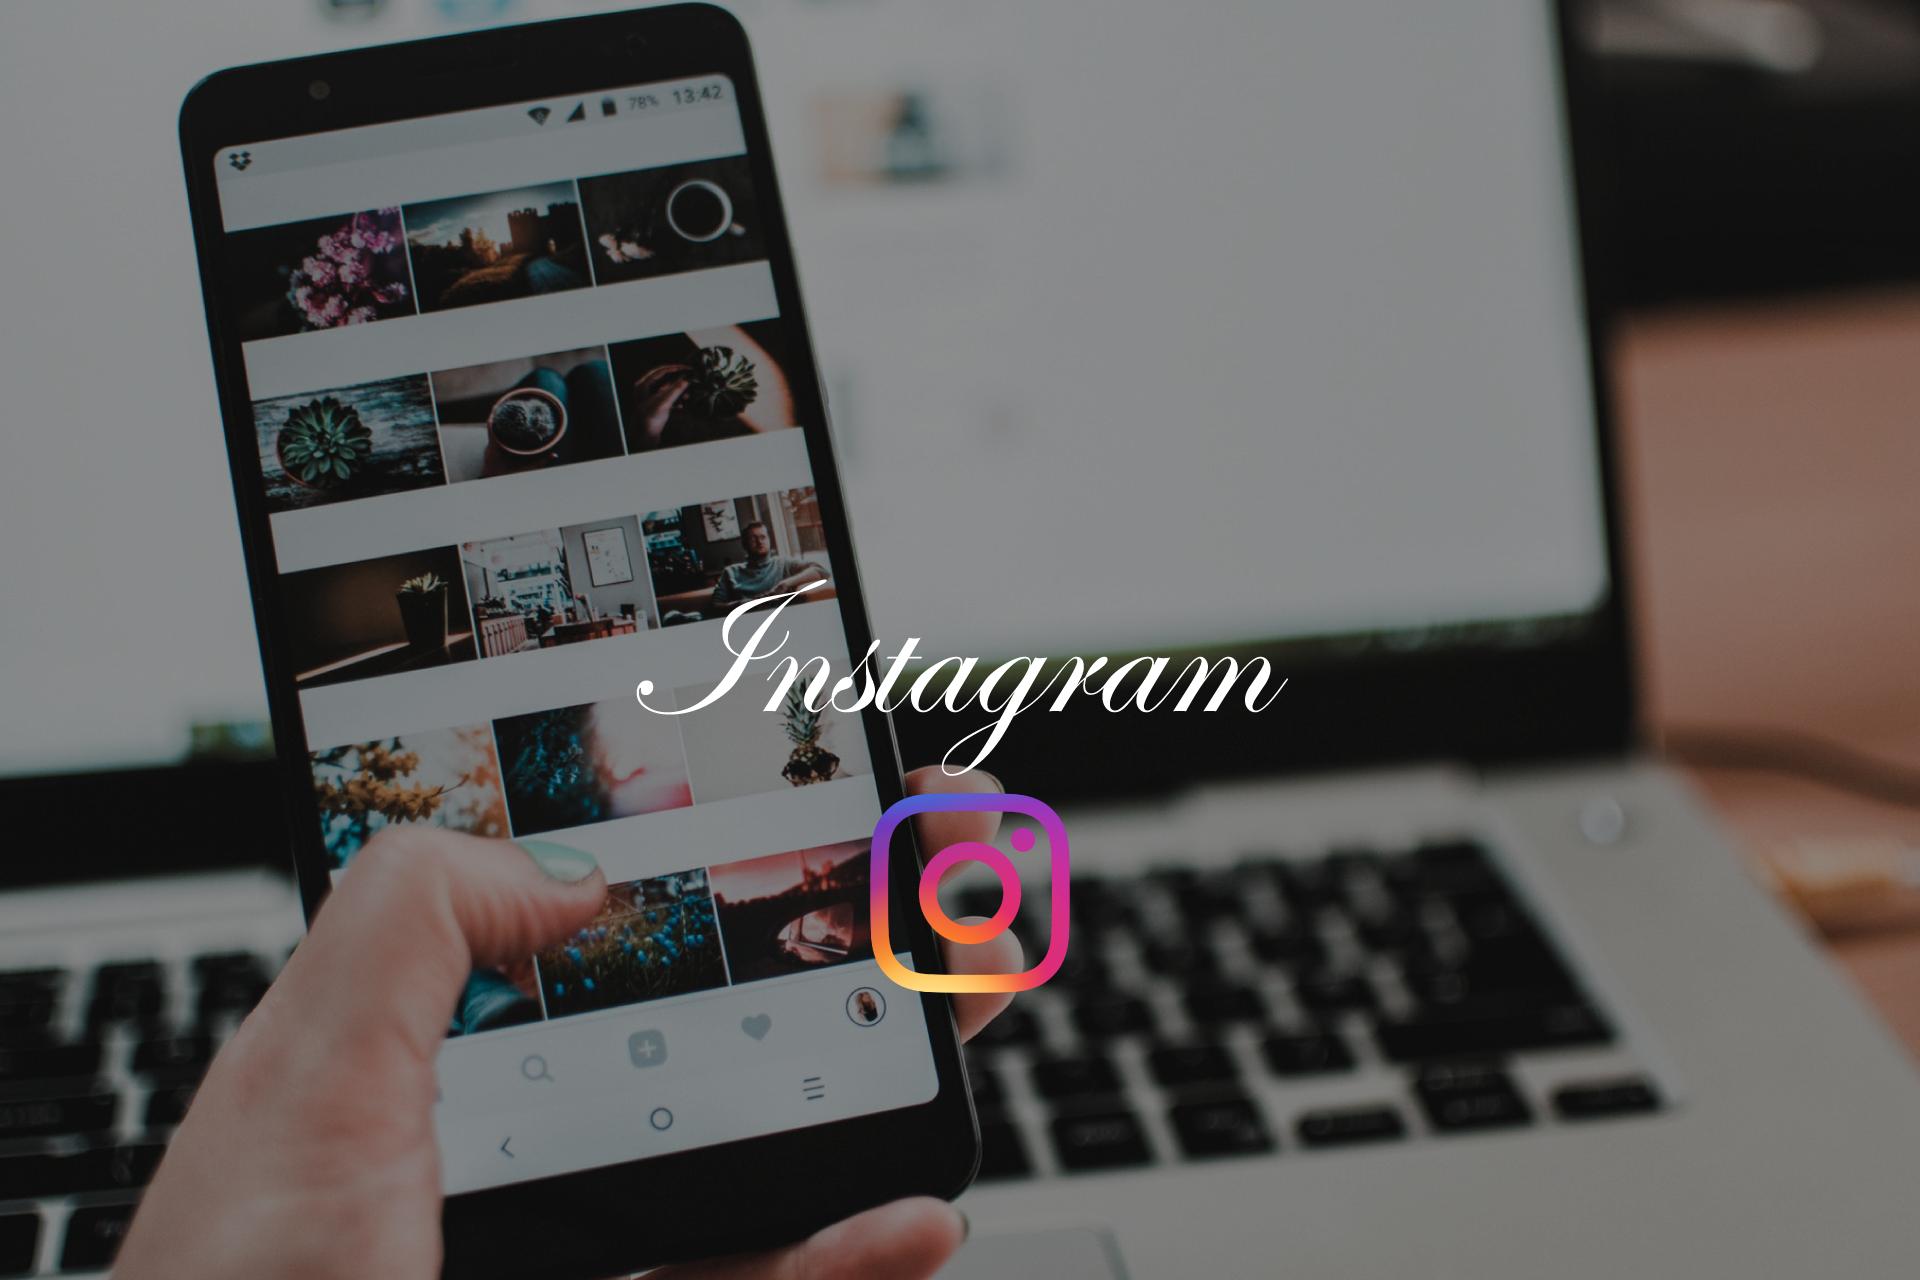 Instagramアプリからそのまま写真を撮影して投稿する方法